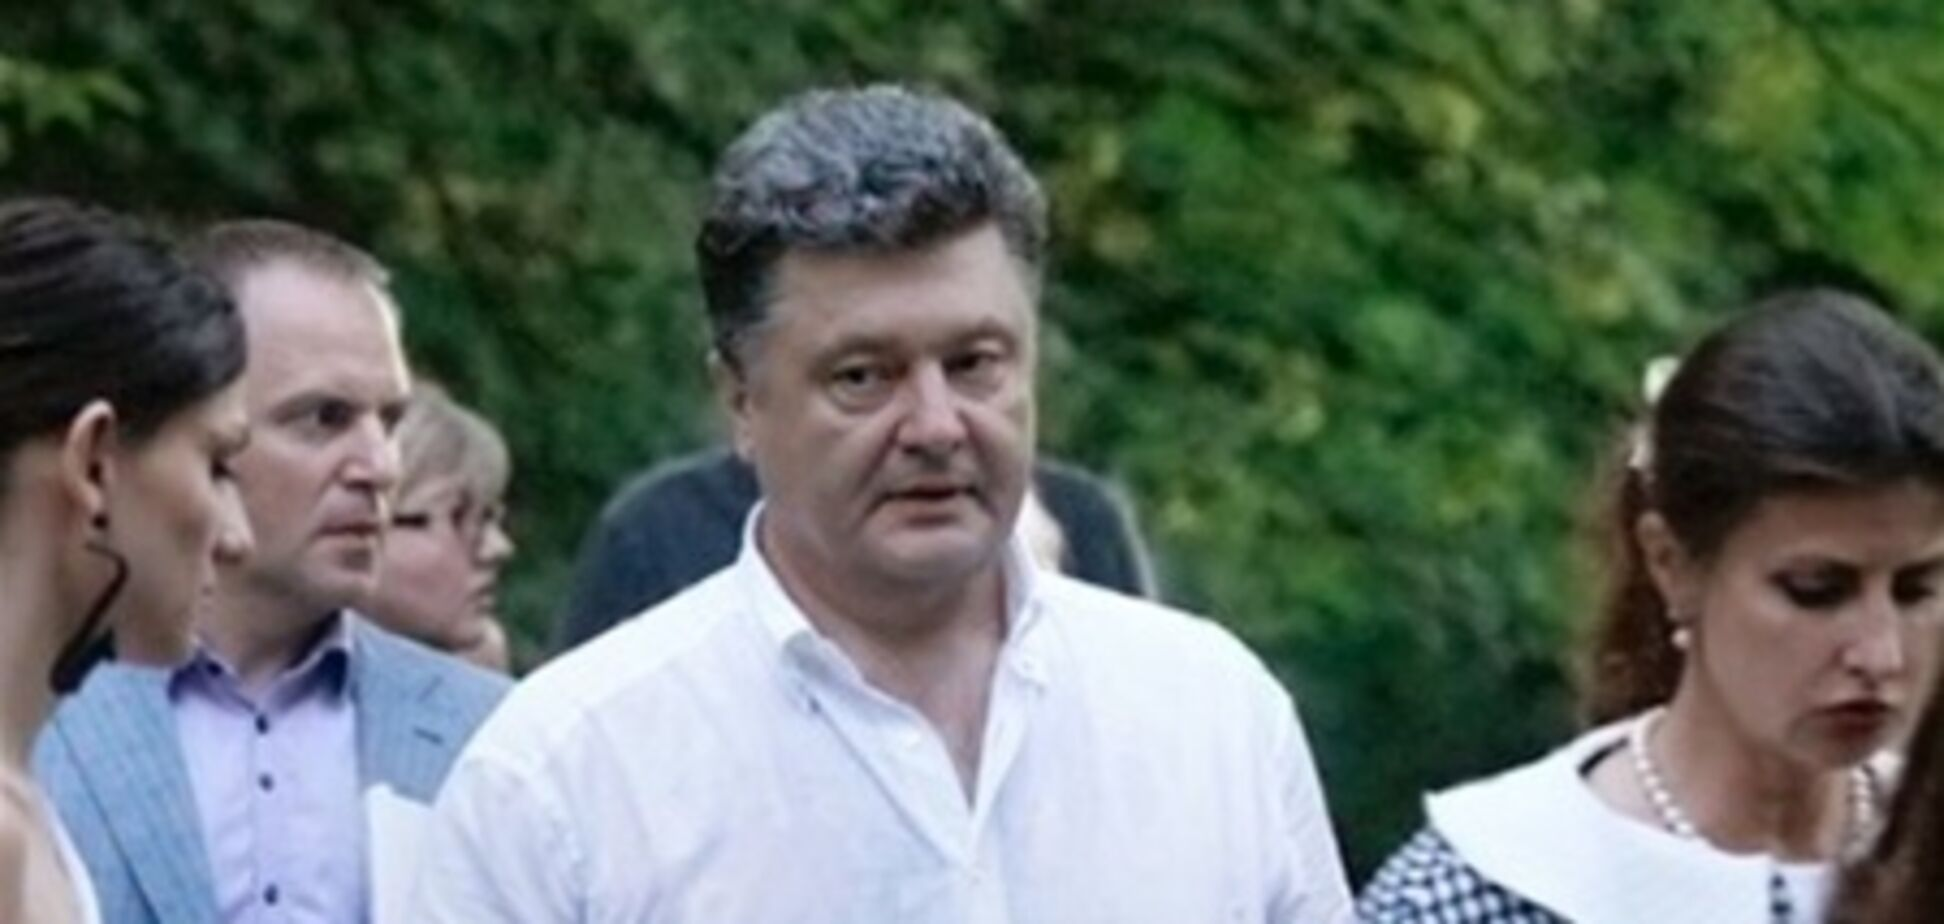 Політики і бізнесмени відірвалися на фестивалі у Львові. Фото